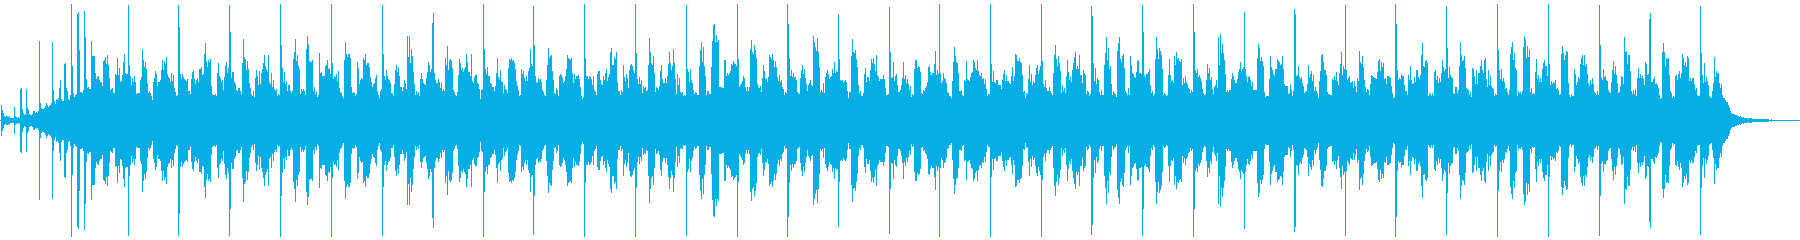 切ないアコギ サックスなし Vlogの再生済みの波形